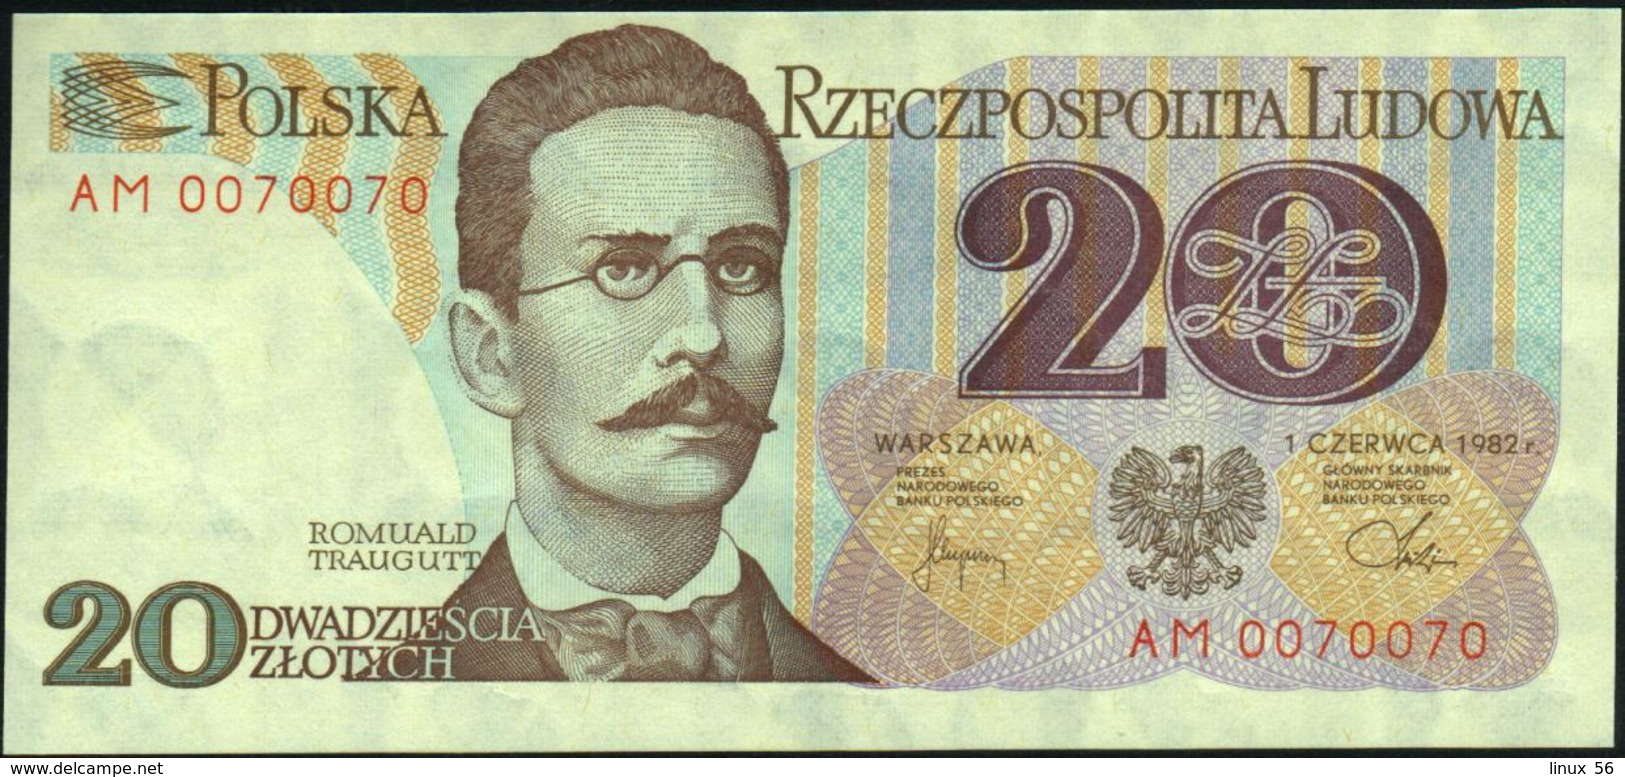 POLAND - 20 Zlotych 01.06.1982 {Narodowy Bank Polski} UNC P.149 - Polonia